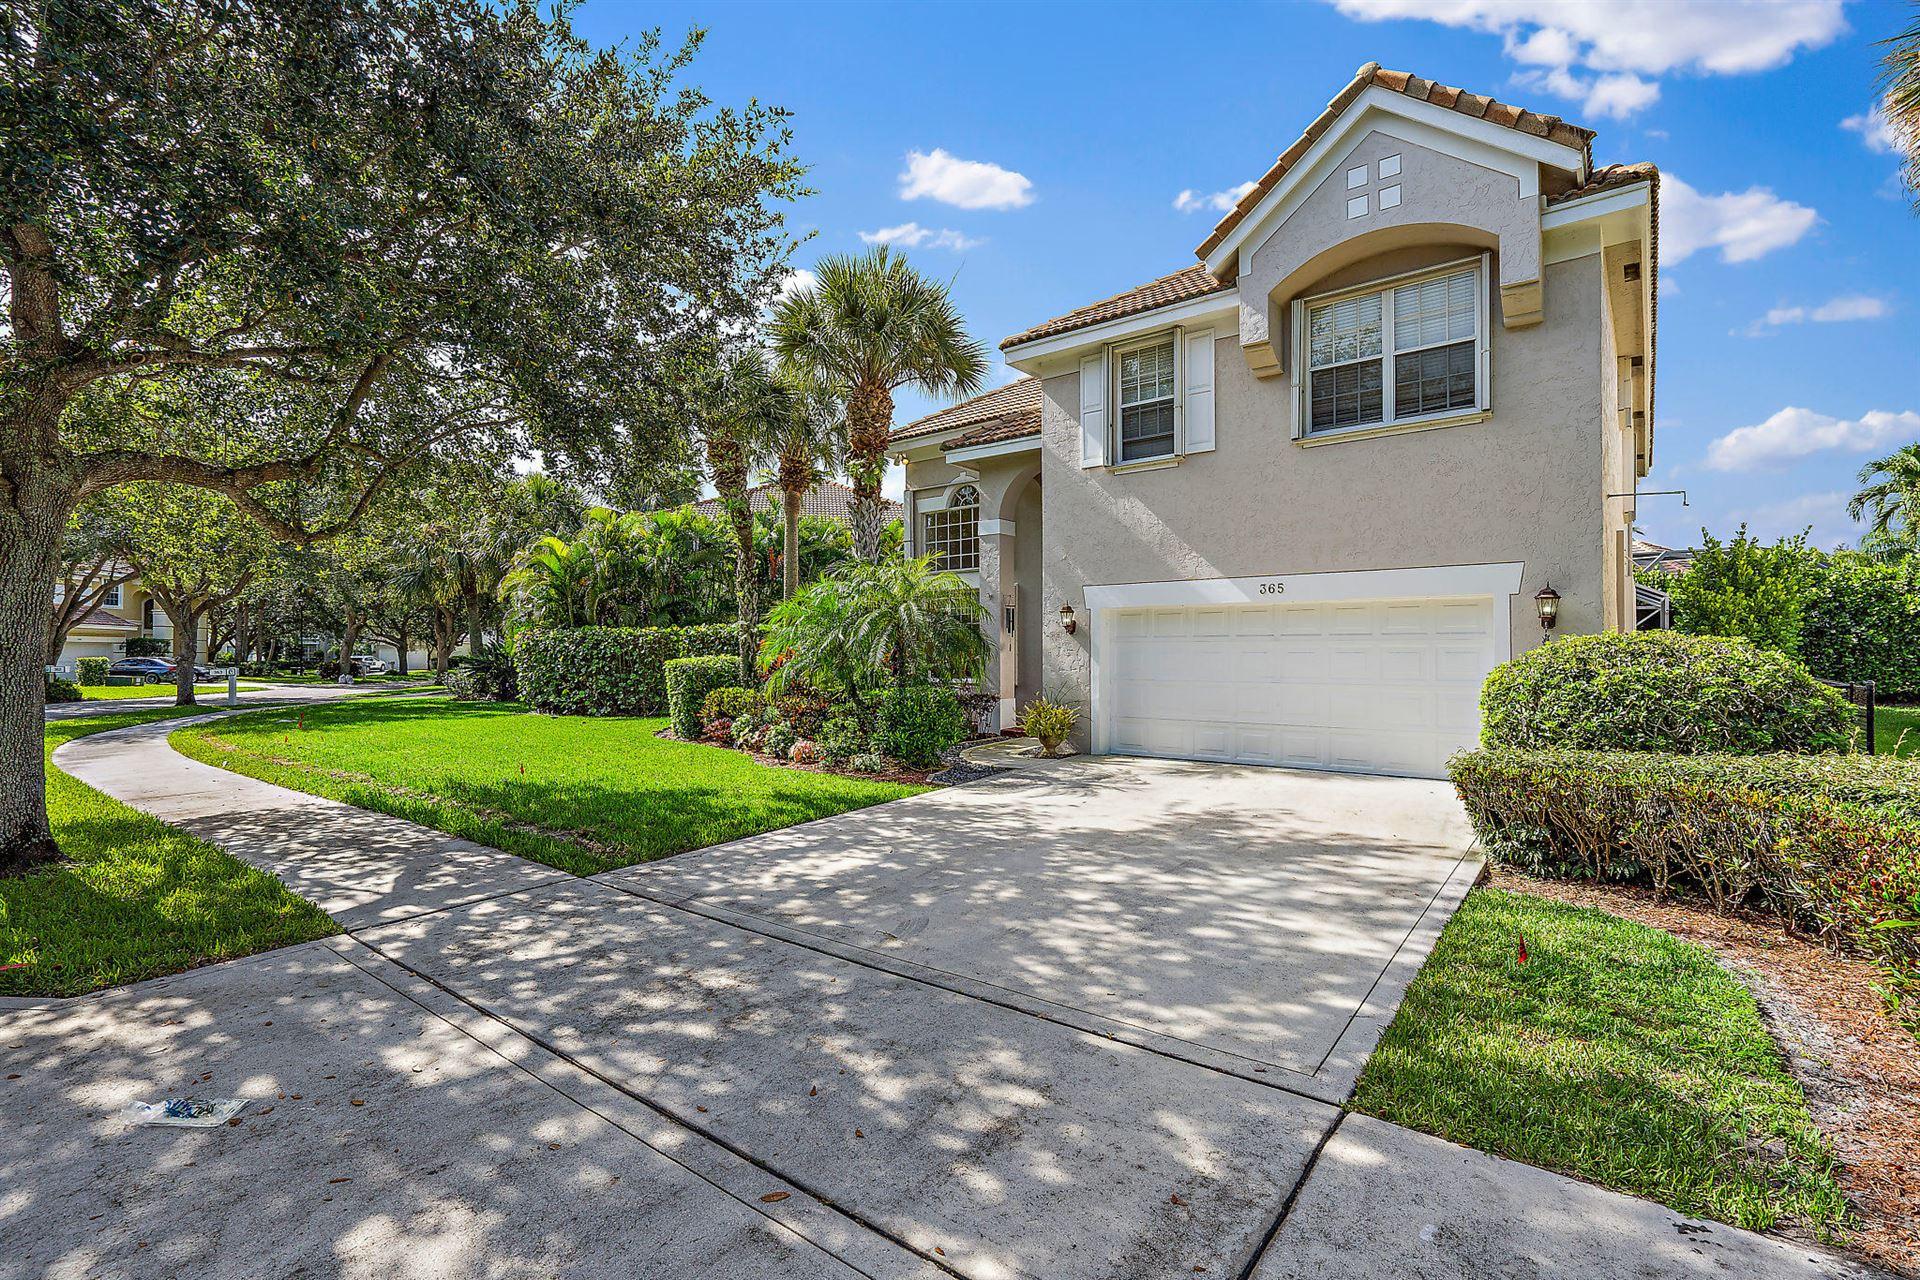 365 Magnolia Drive, Jupiter, FL 33458 - #: RX-10635651